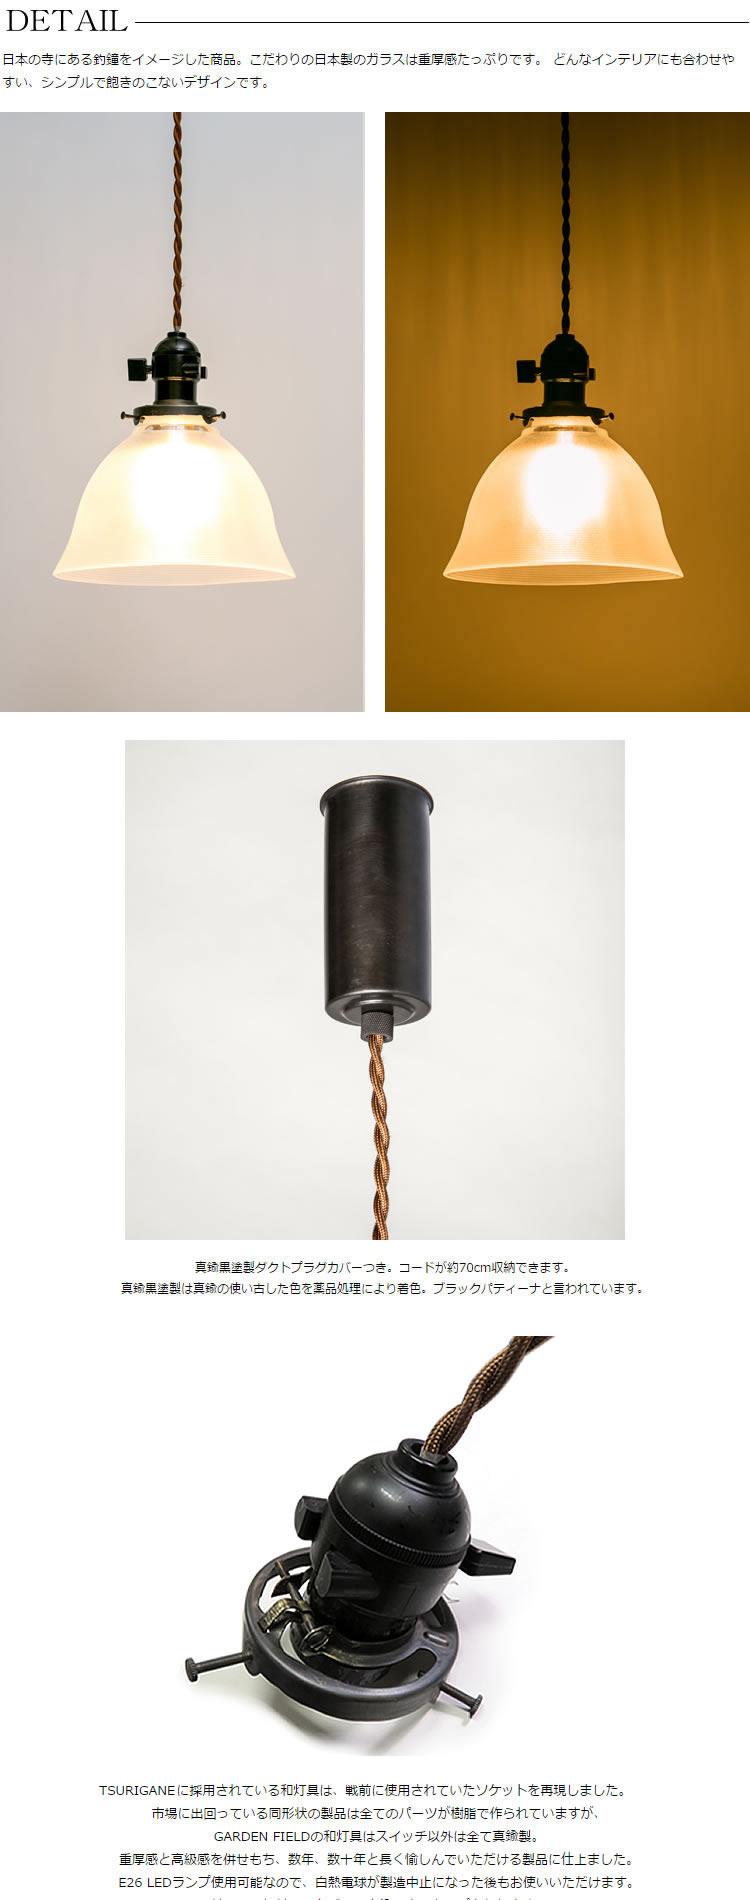 TSURIGANE(和風灯具・ガラス消し・ダクト)